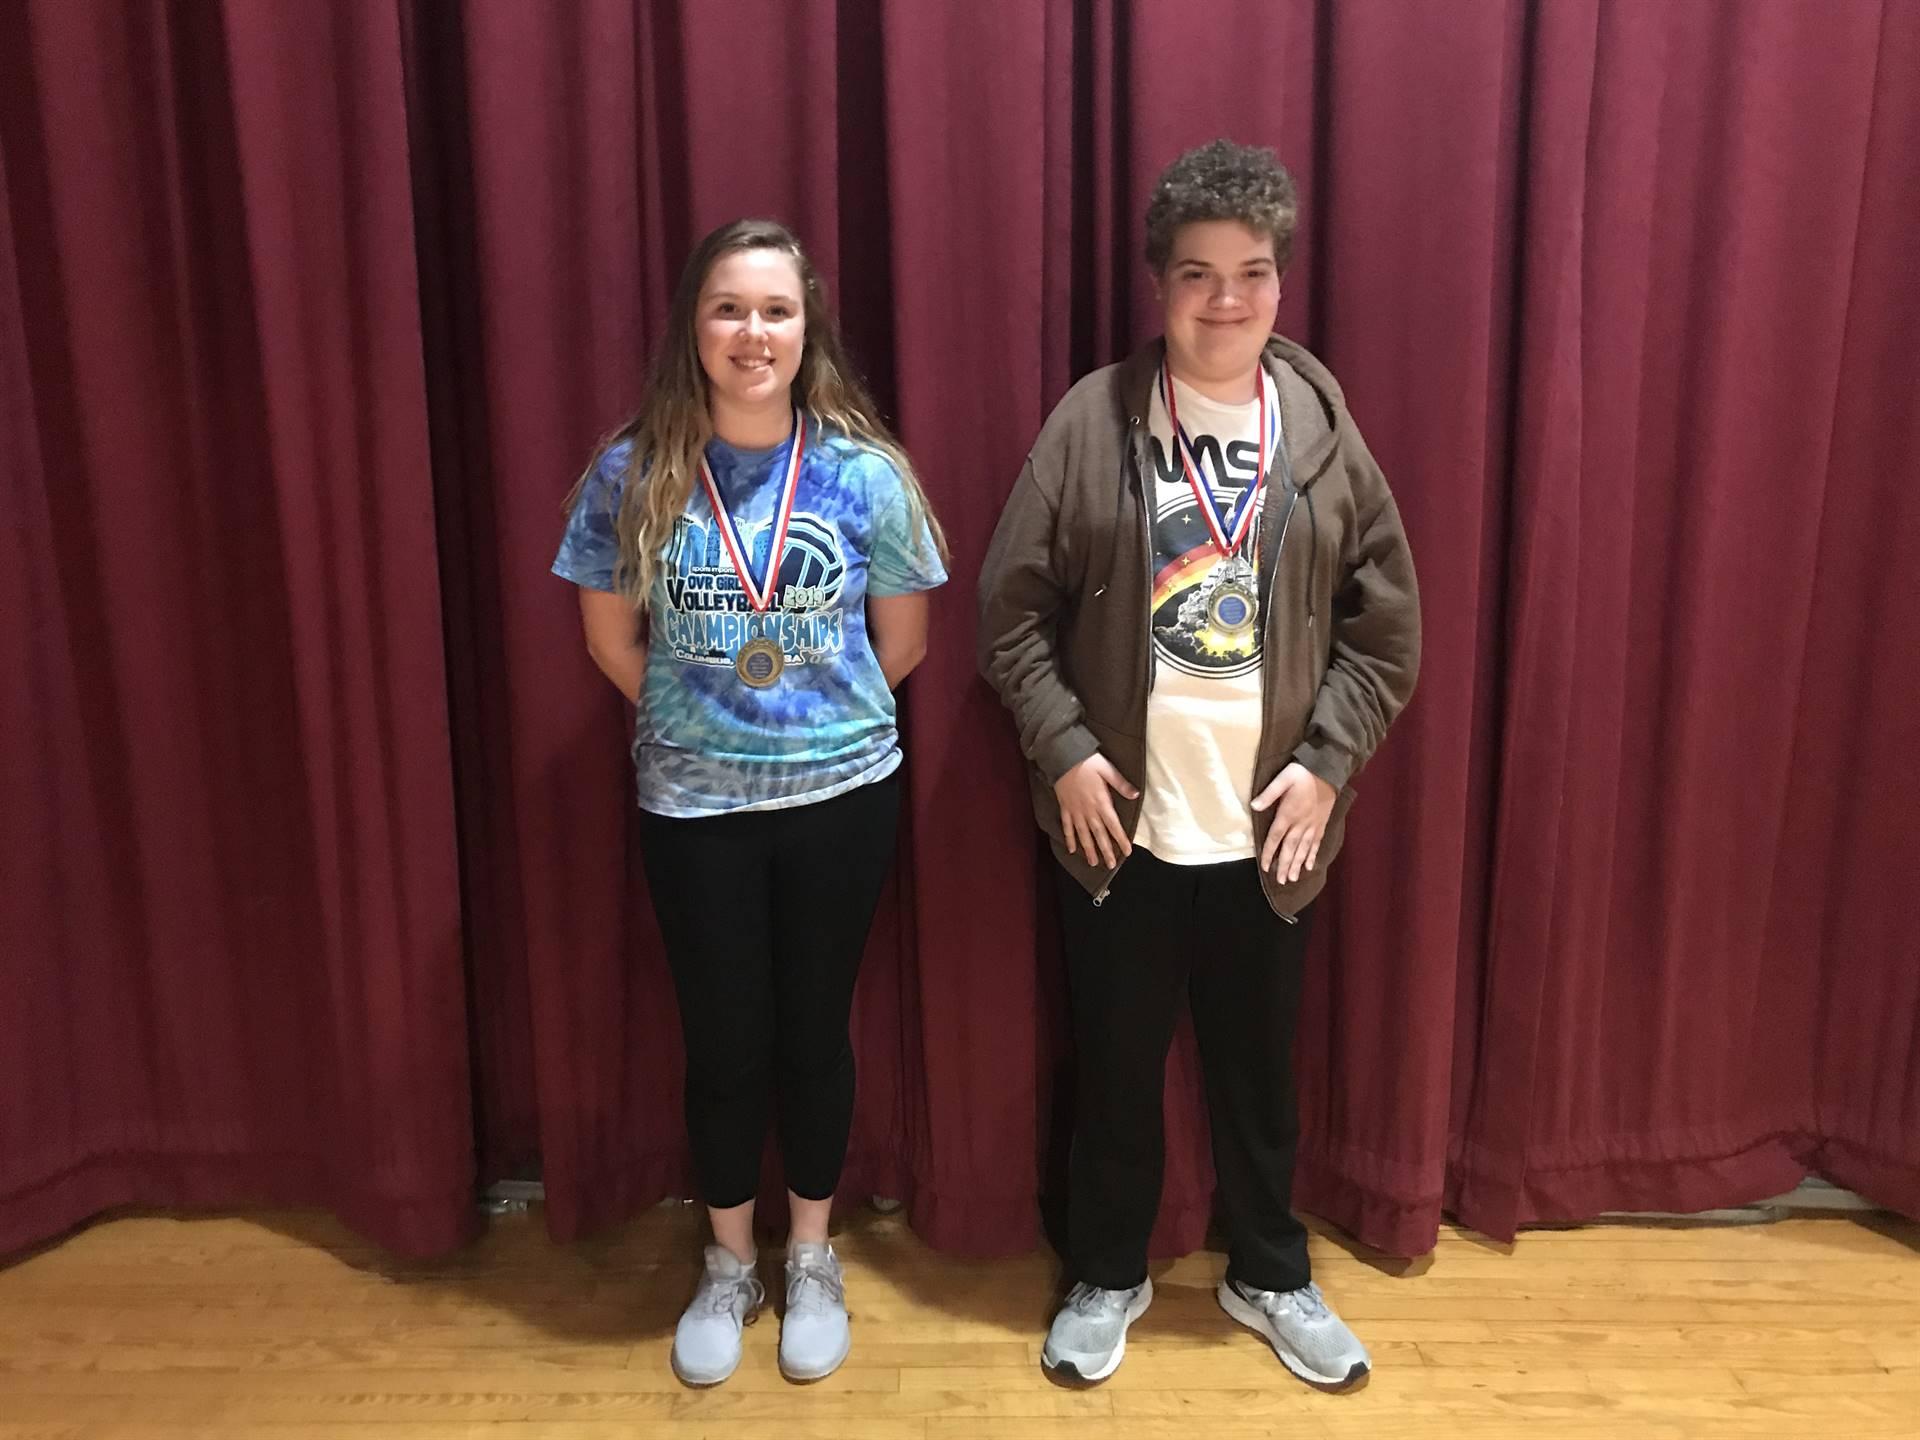 8th Grade Pride/Citizenship Award